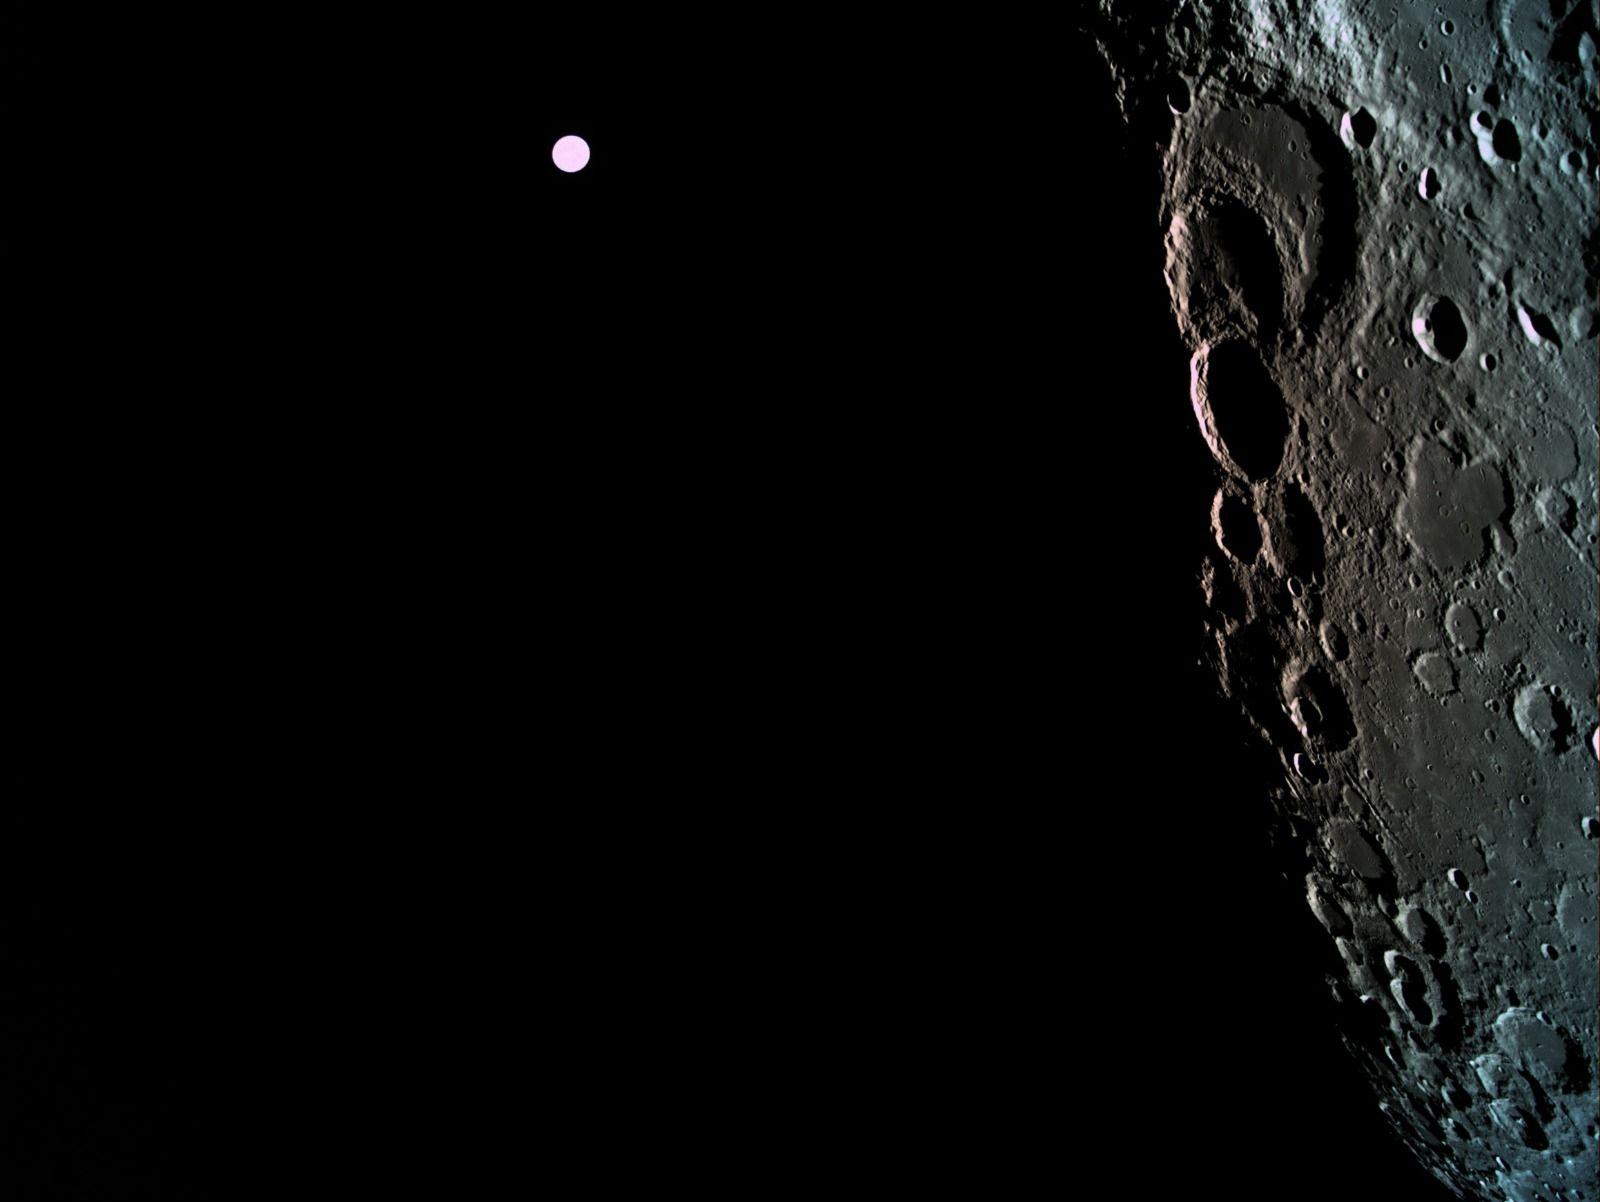 Bereshit de Israel envía sus primeras imágenes de la Luna